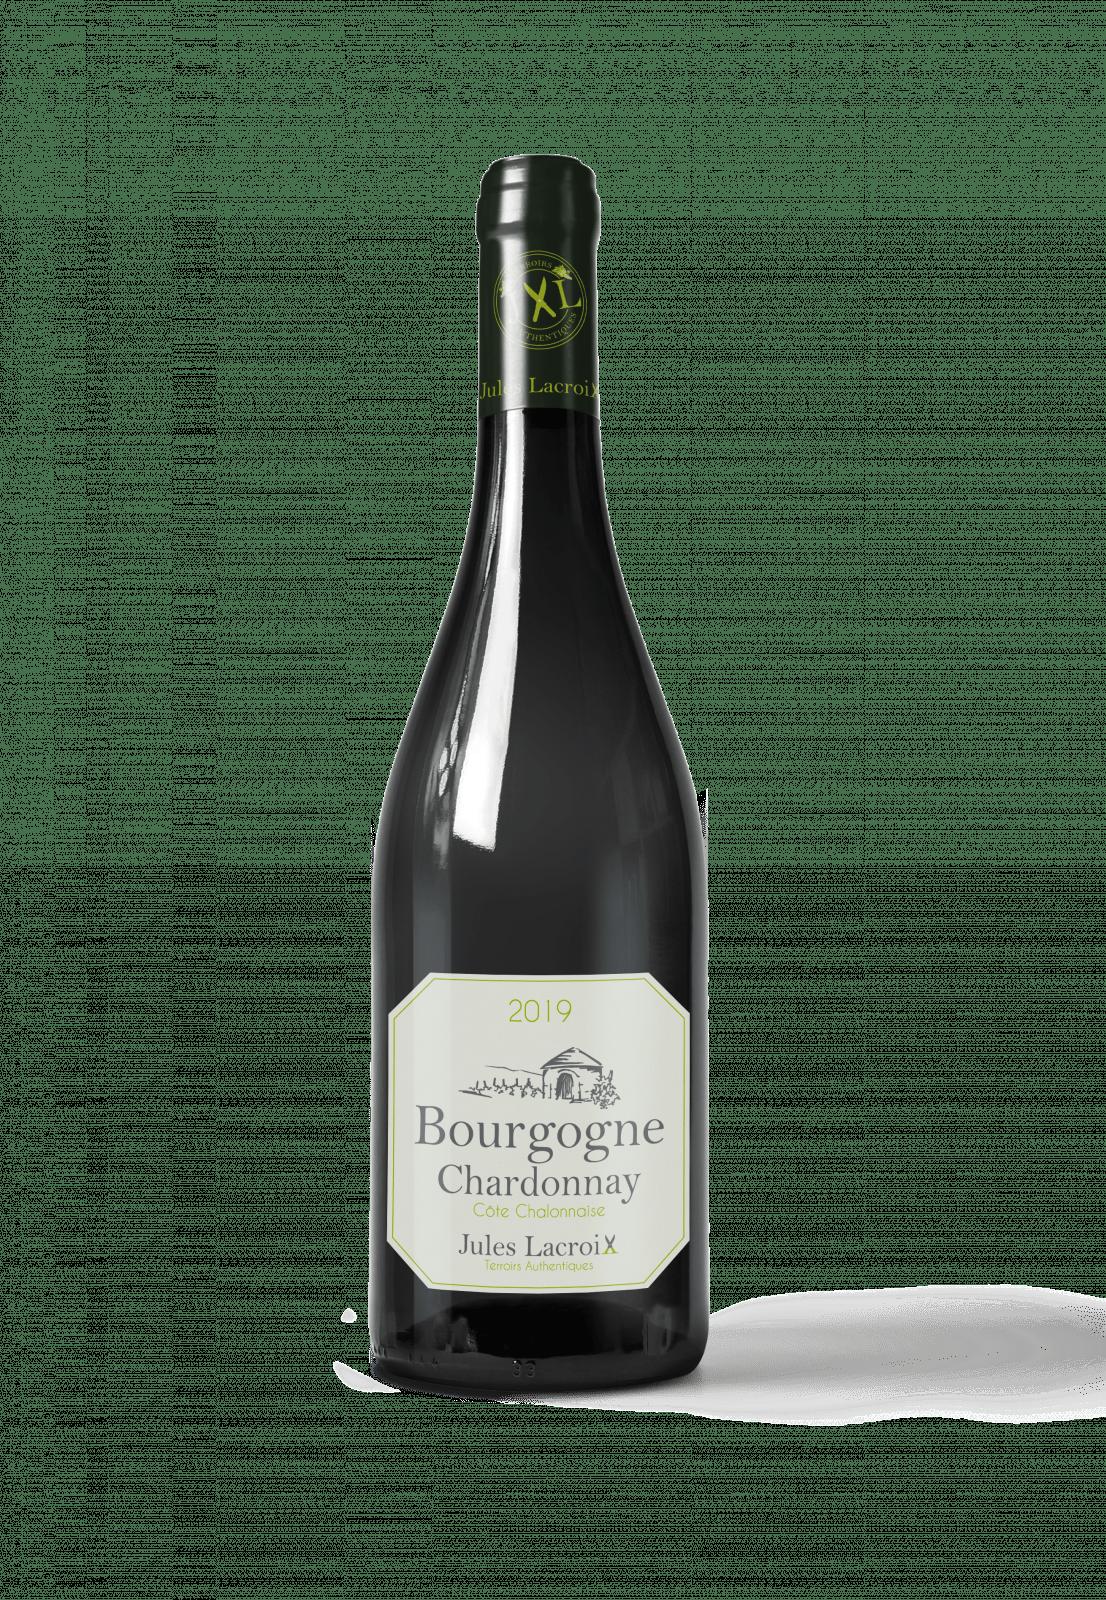 régionale : Bourgogne Chardonnay Côte Chalonnaise